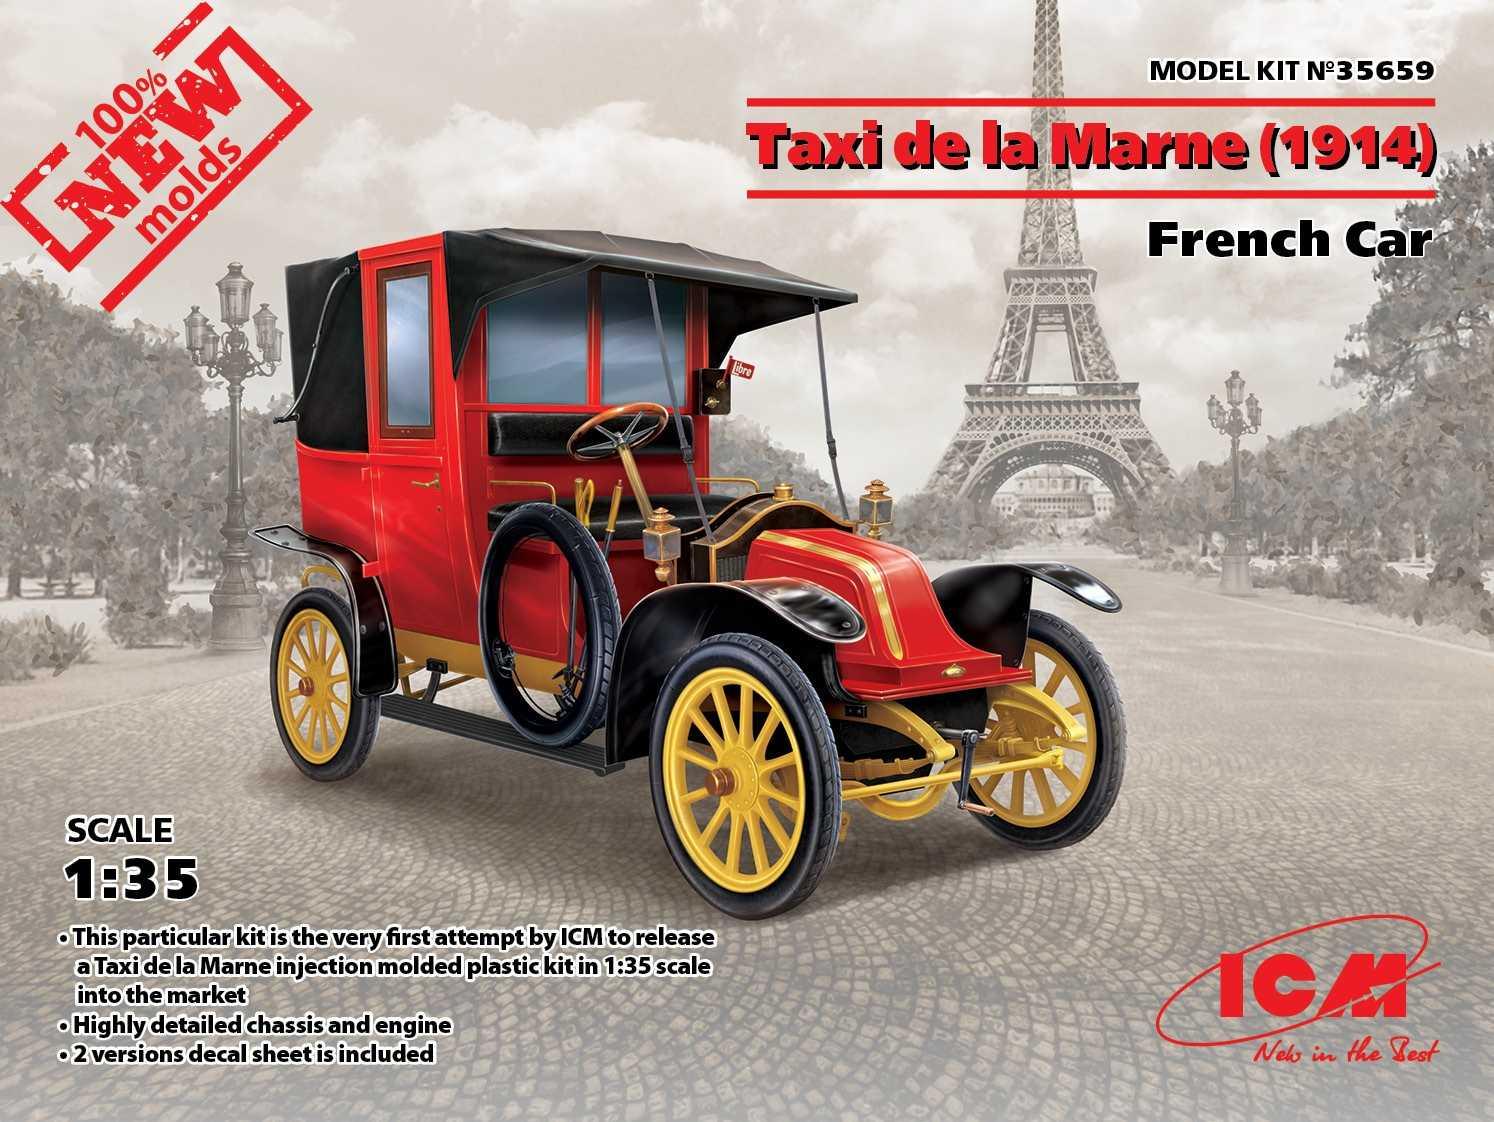 Maquette de voiture - Taxi de la Marne (1914) Voiture française (100%